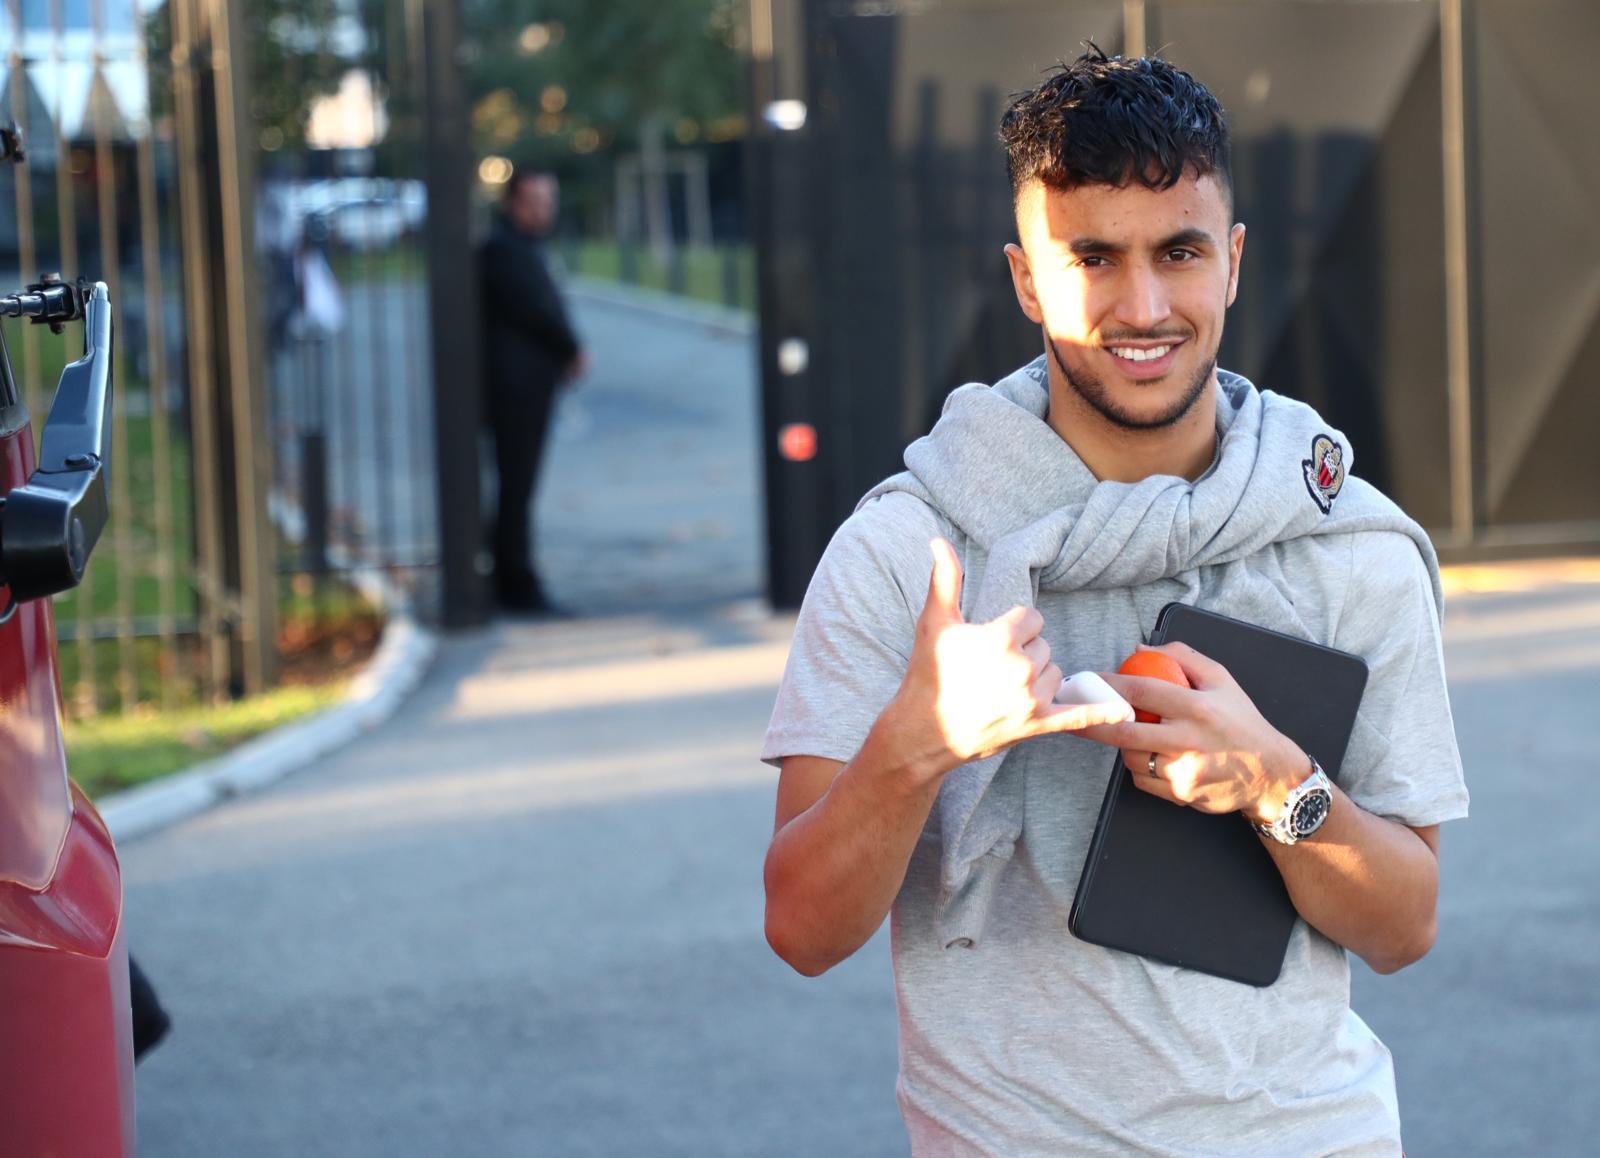 أدم وناس ينتقل إلى نادي آخر ناشط في الدوري الإيطالي لكرة القدم